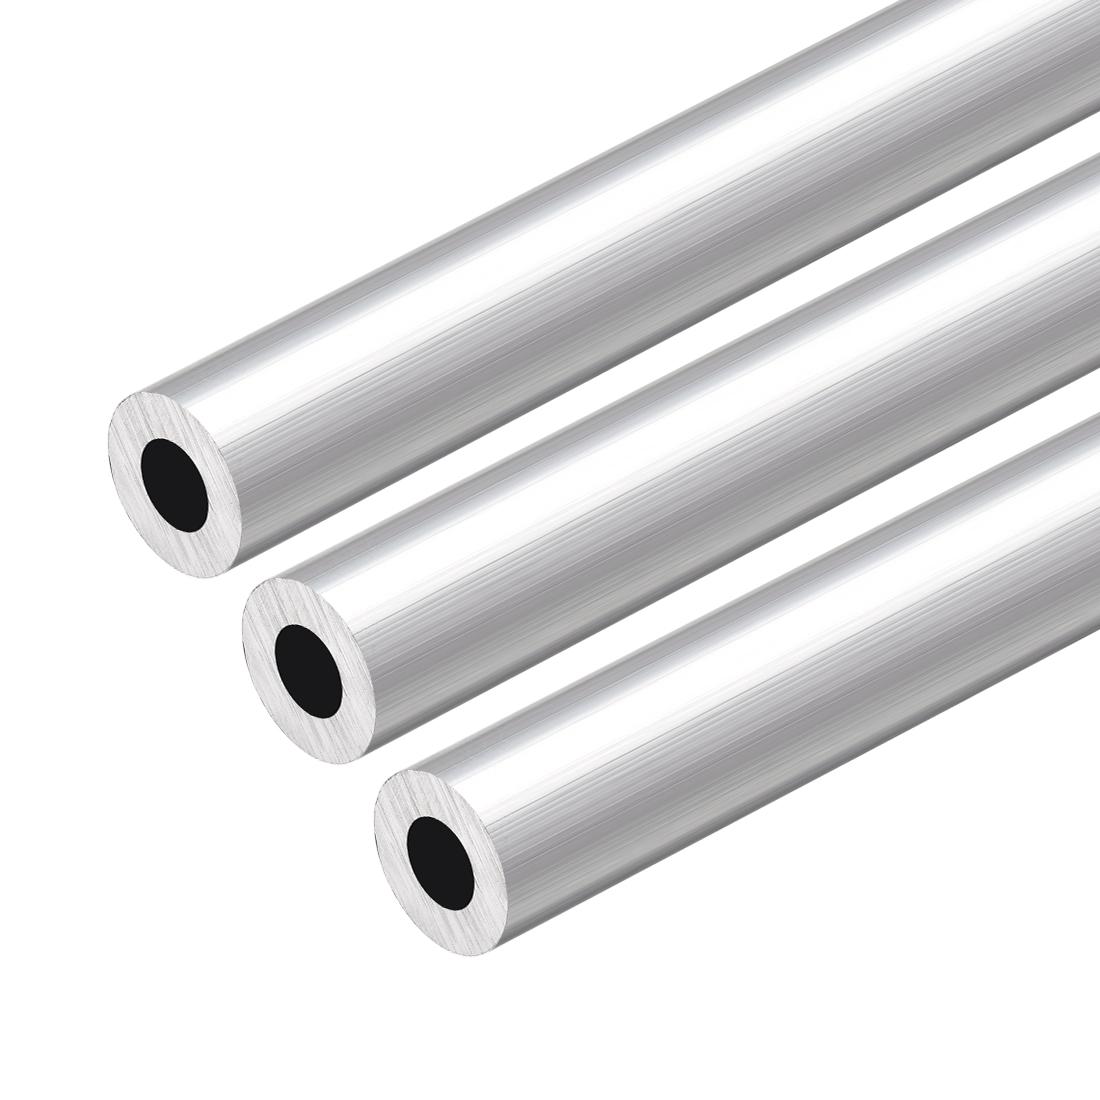 6063 Aluminum Round Tube 300mm Length 14mm OD 7mm Inner Dia Seamless Tubing 3pcs